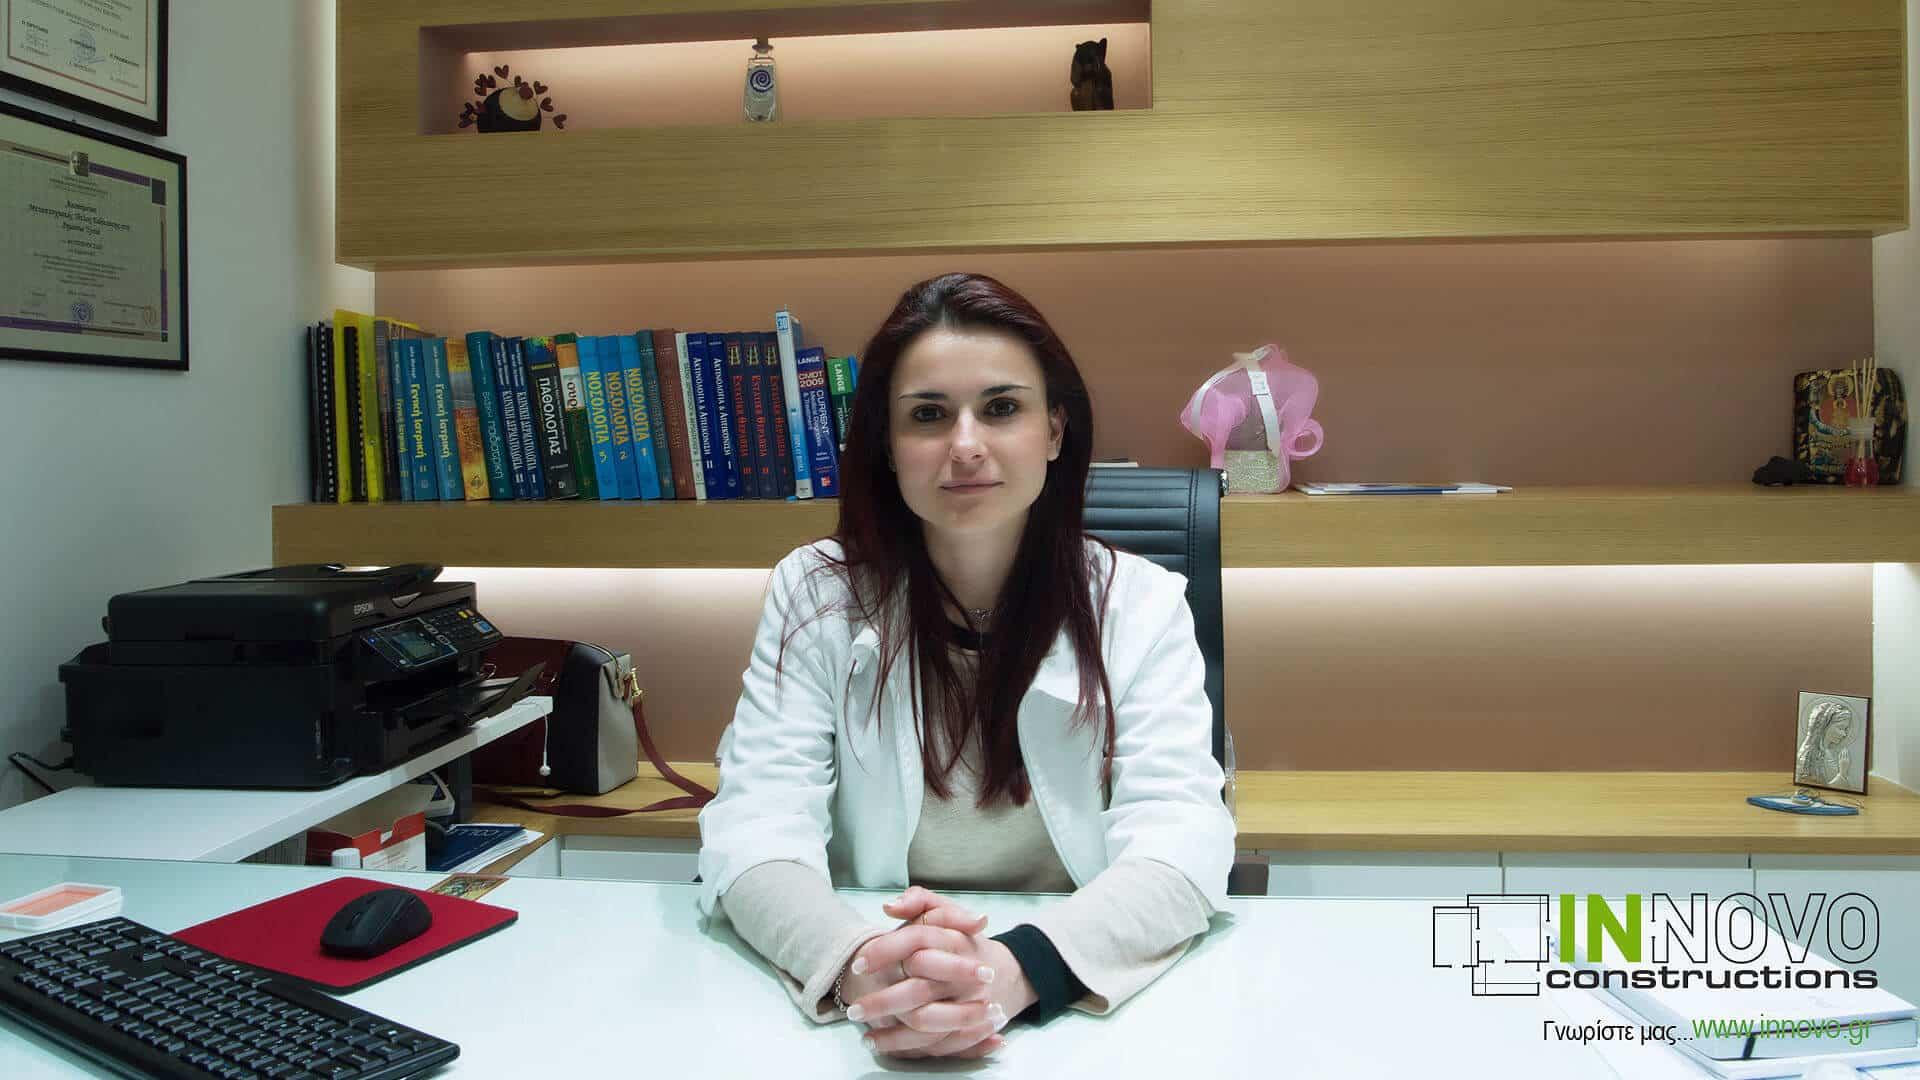 Ιατρείο γενικής ιατρικής, μελέτη σχεδιασμού από την Innovo